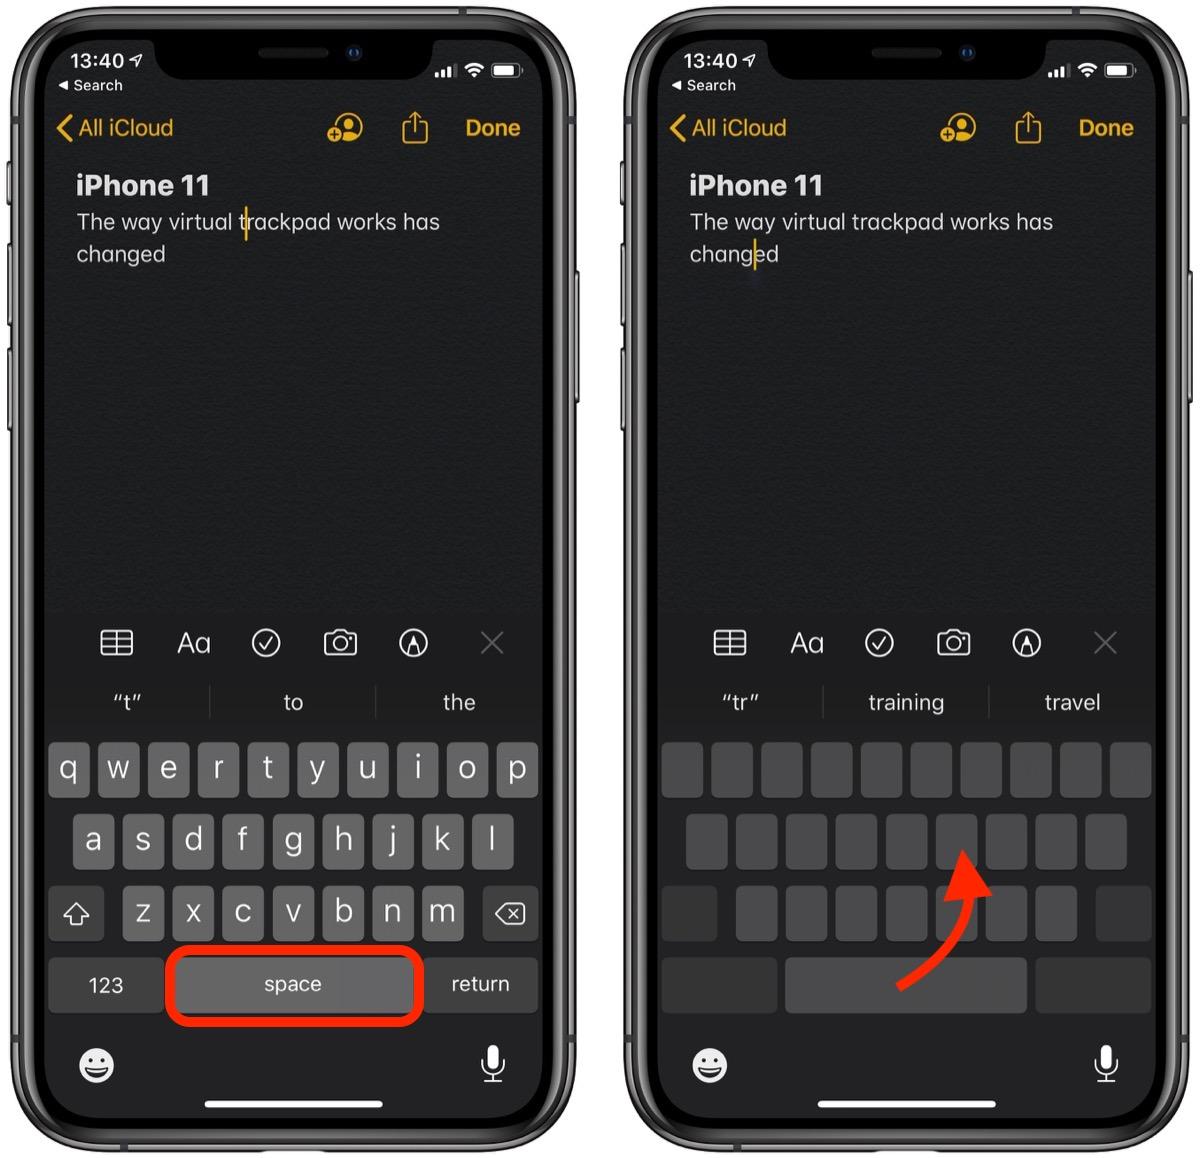 如何在 iPhone 和 iPad 上使用 iOS 13 的文本编辑手势?